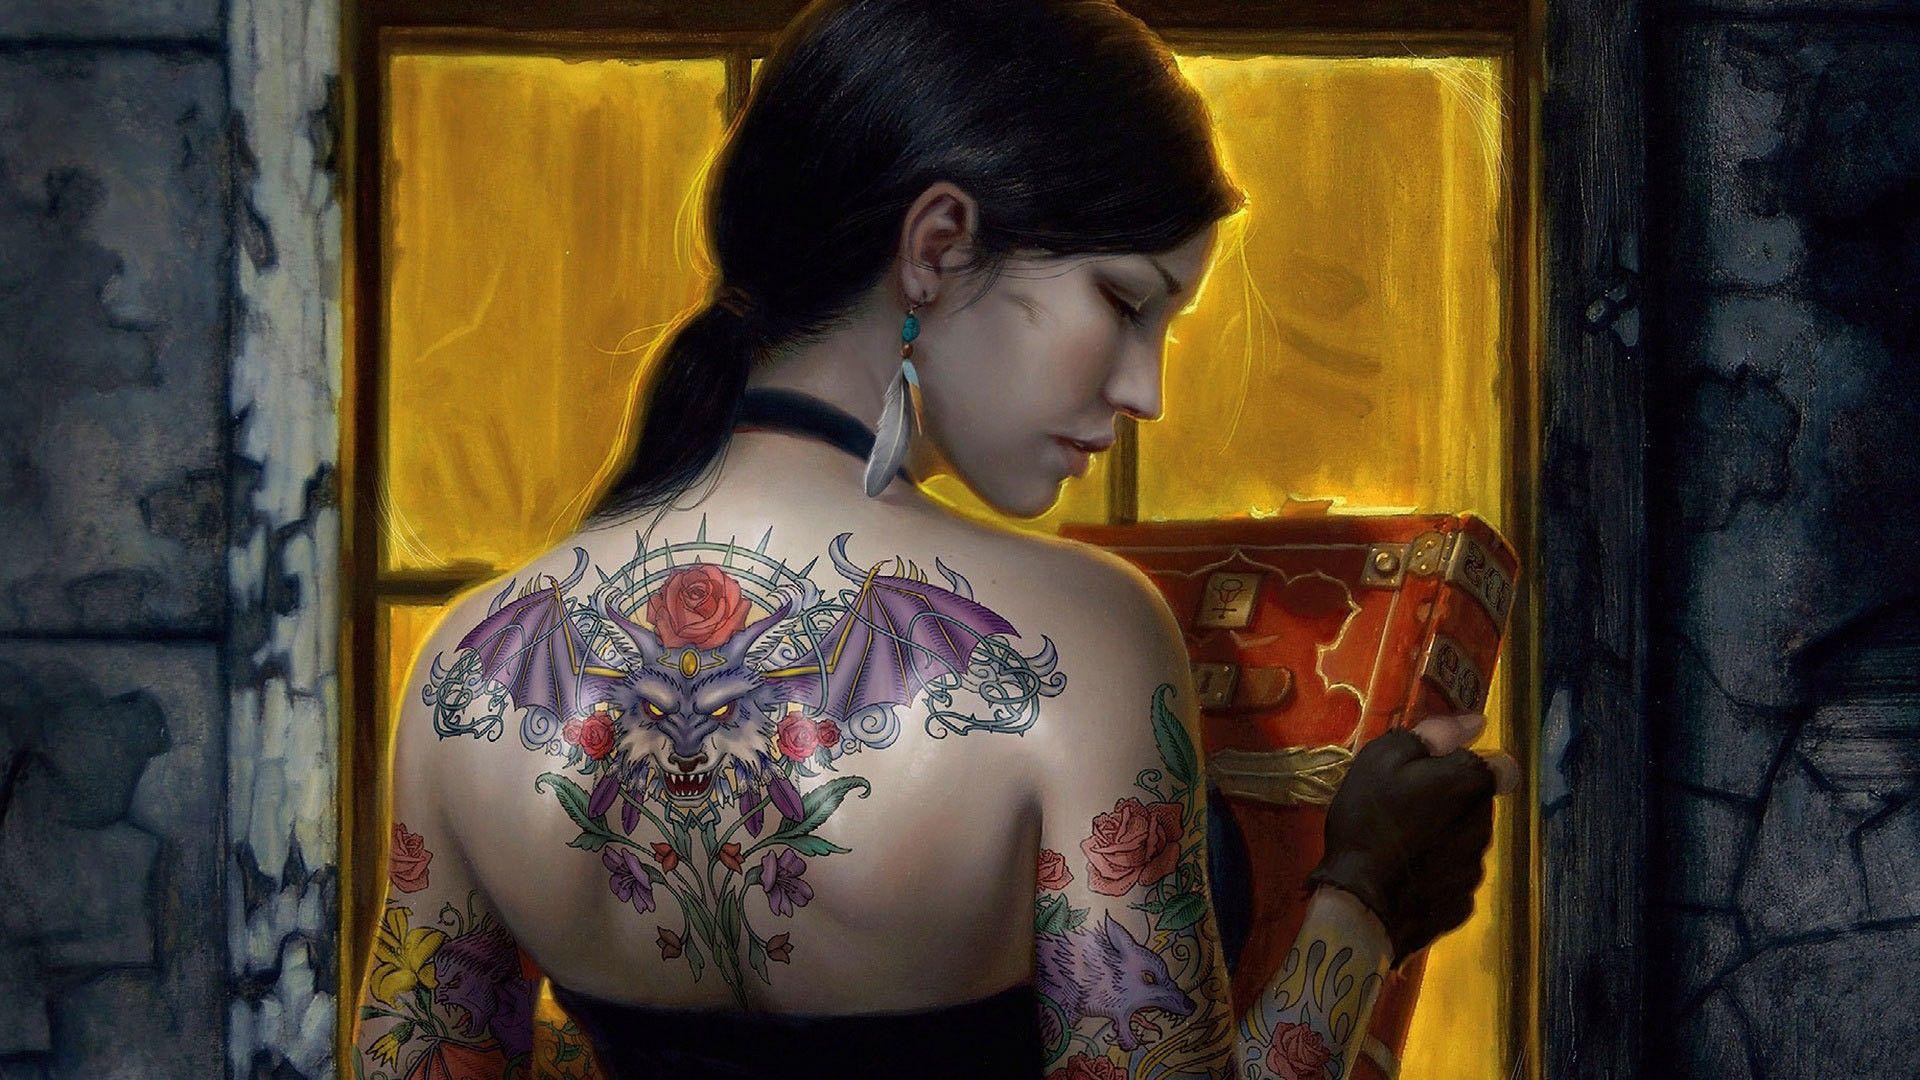 Tattoo Girl hd wallpaper